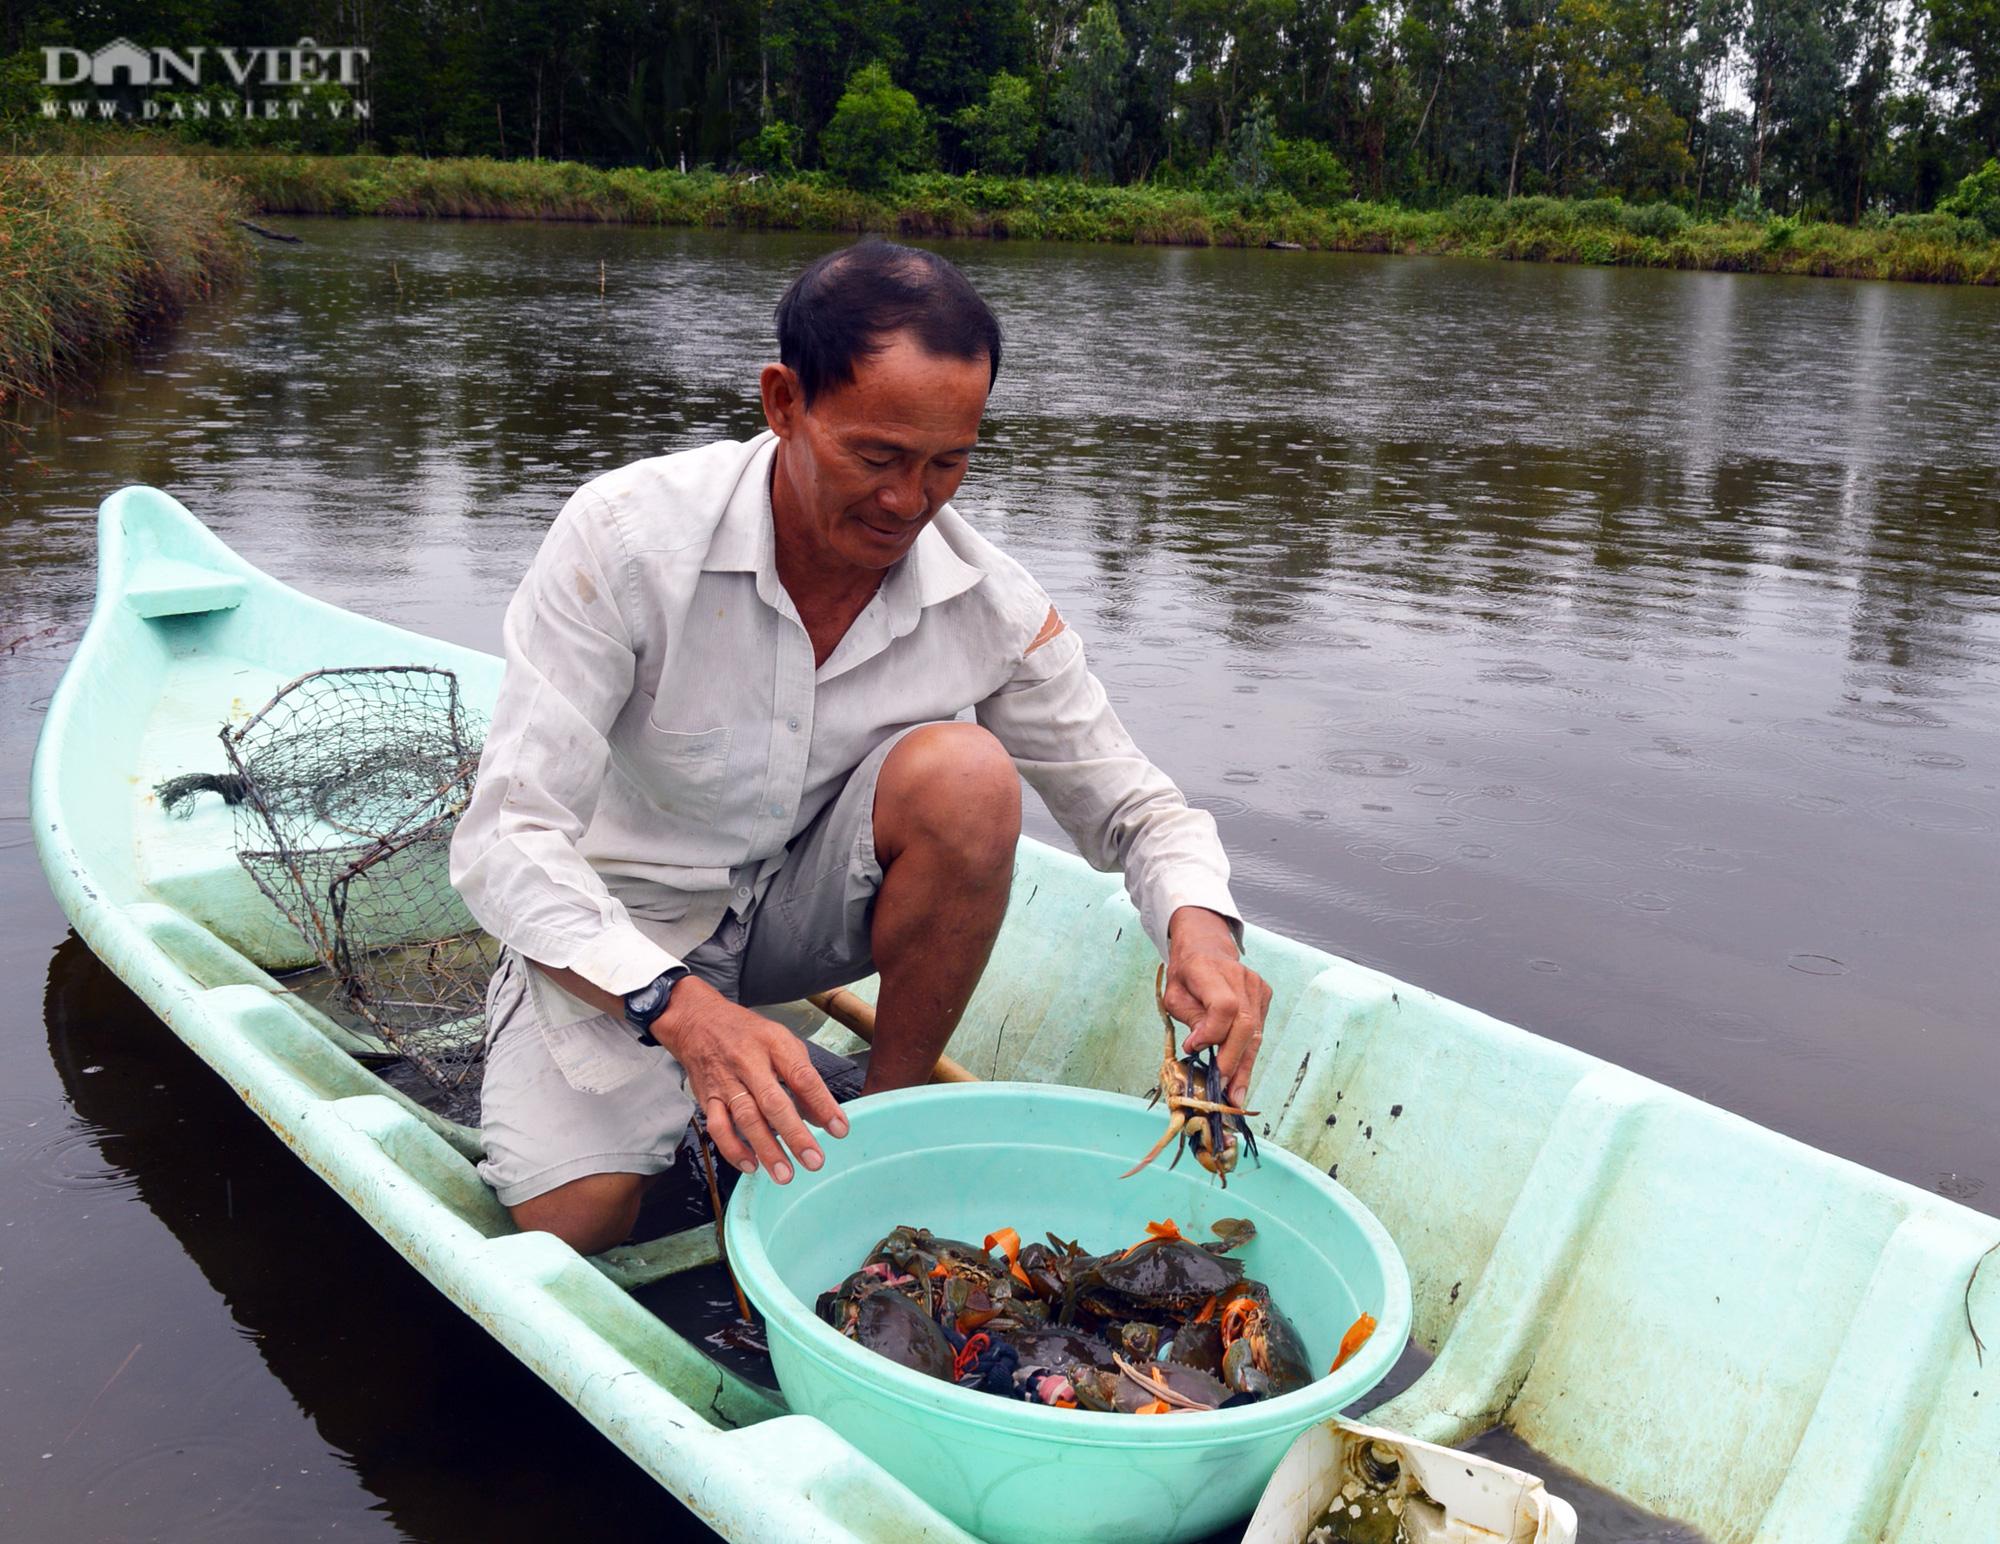 Top đặc sản dân dã ở Cà Mau làm say đắm du khách gần xa - Ảnh 3.